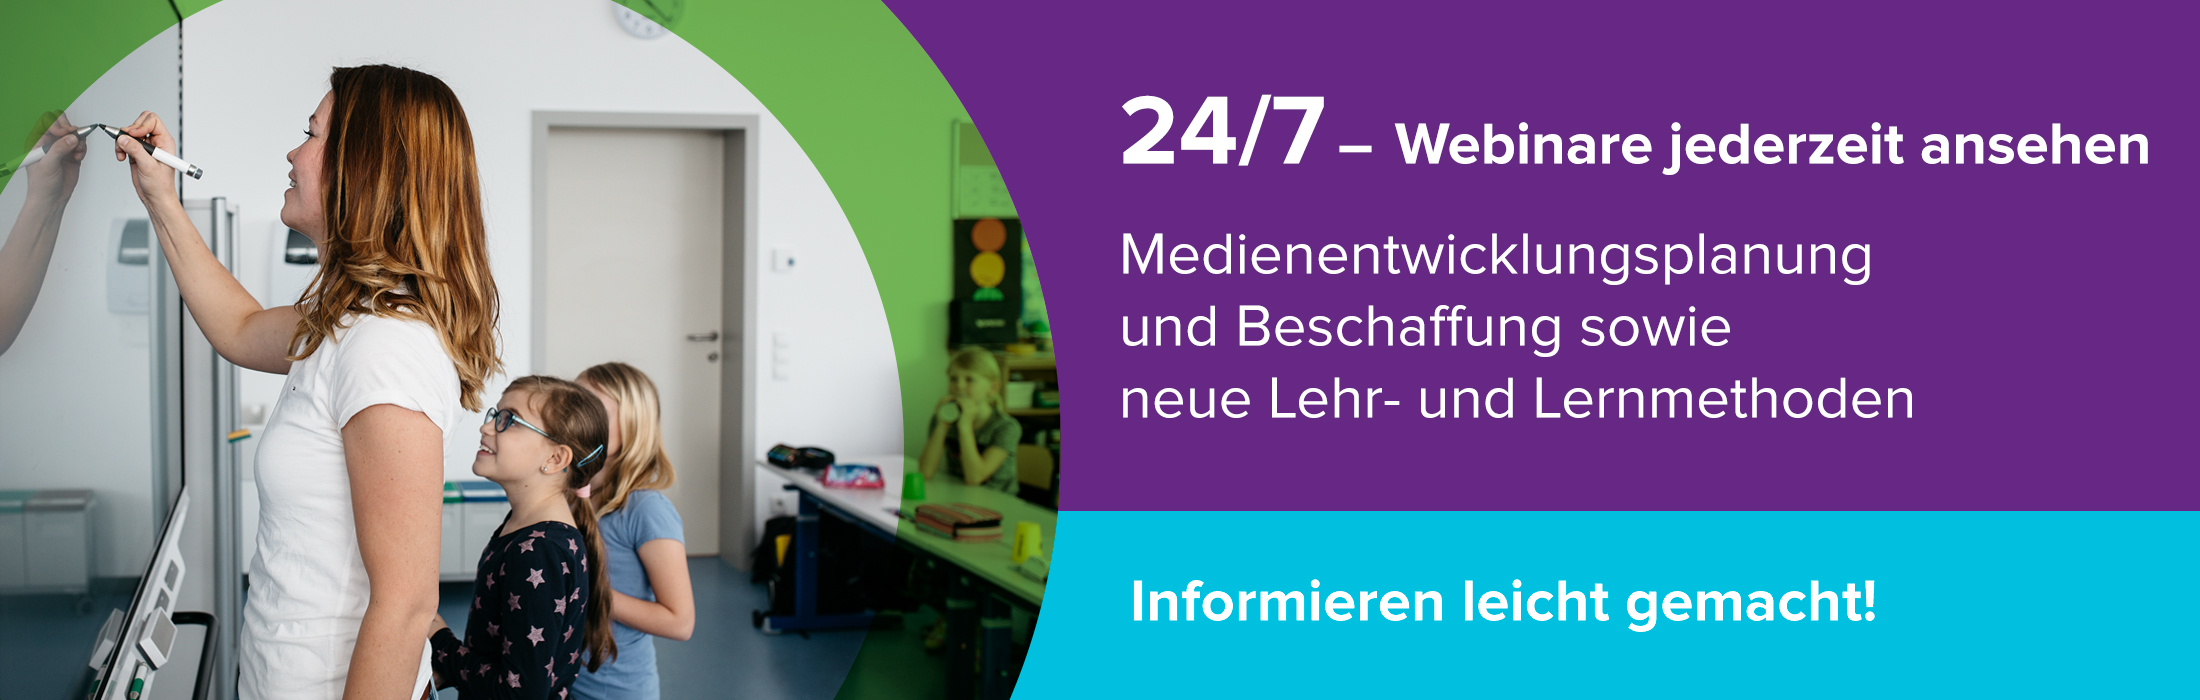 Header-LP_Webinar-Aufzeichnungen